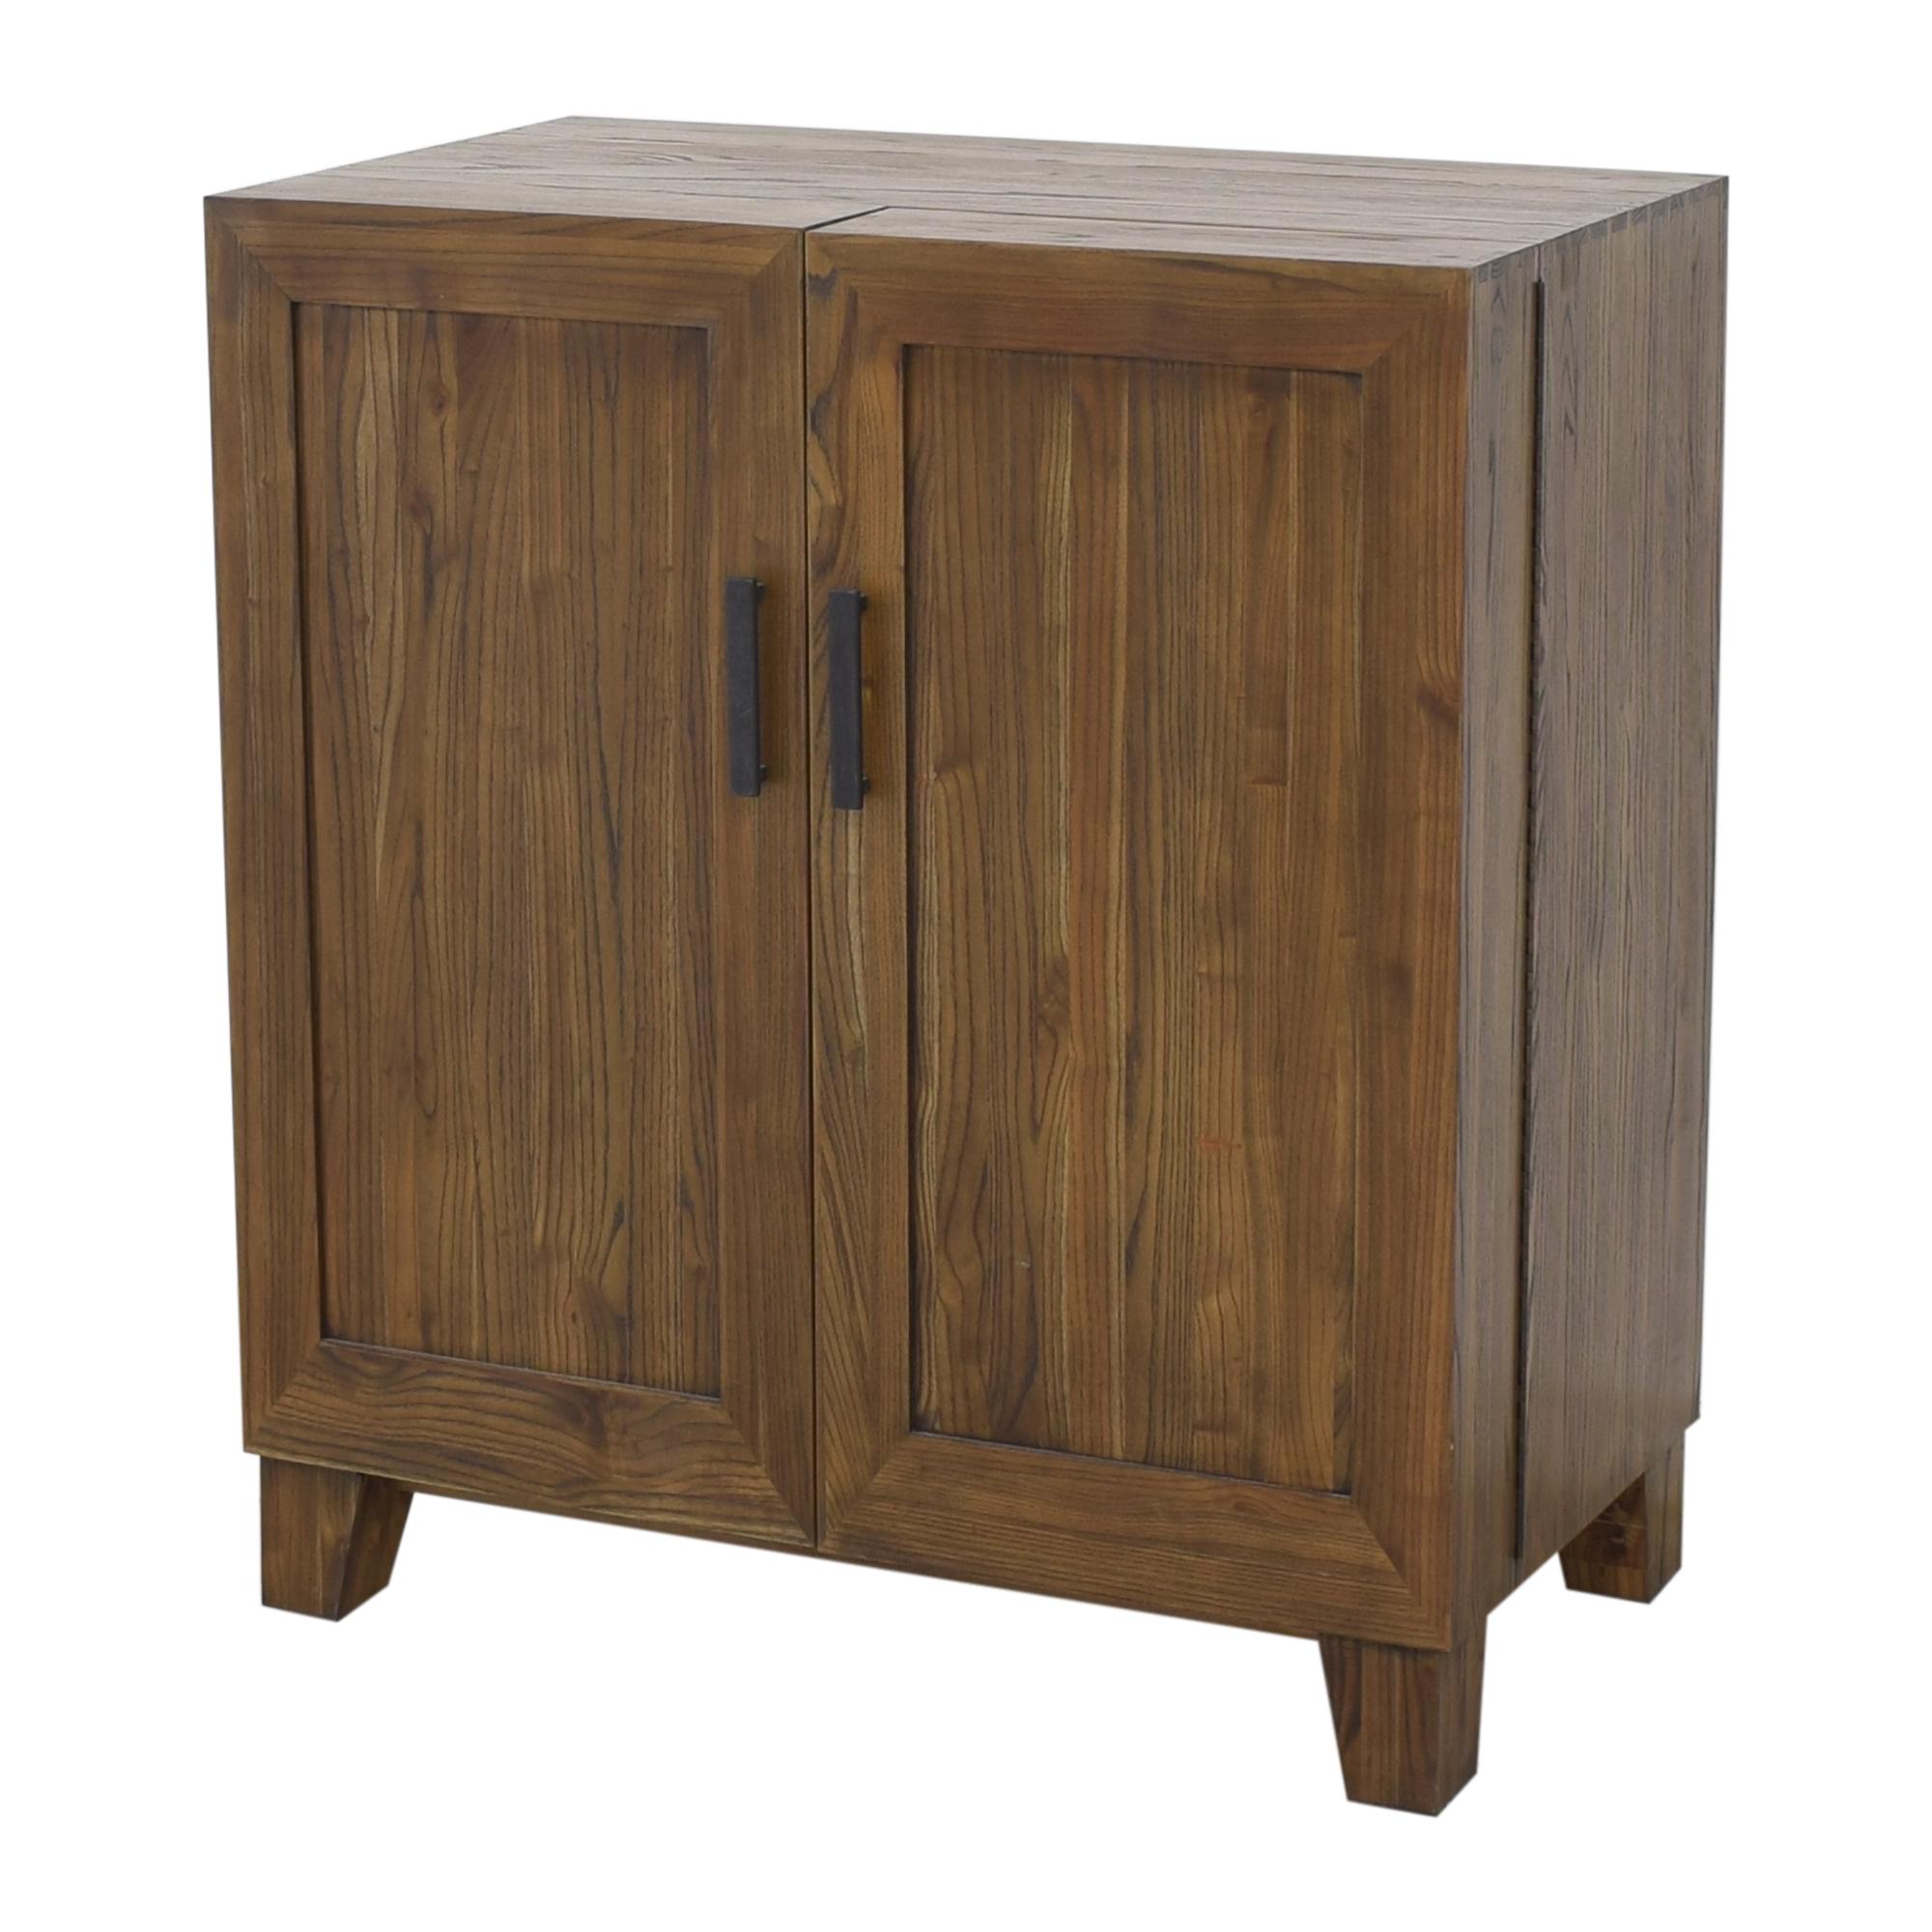 shop Crate & Barrel Crate & Barrel Marin Bar Cabinet online